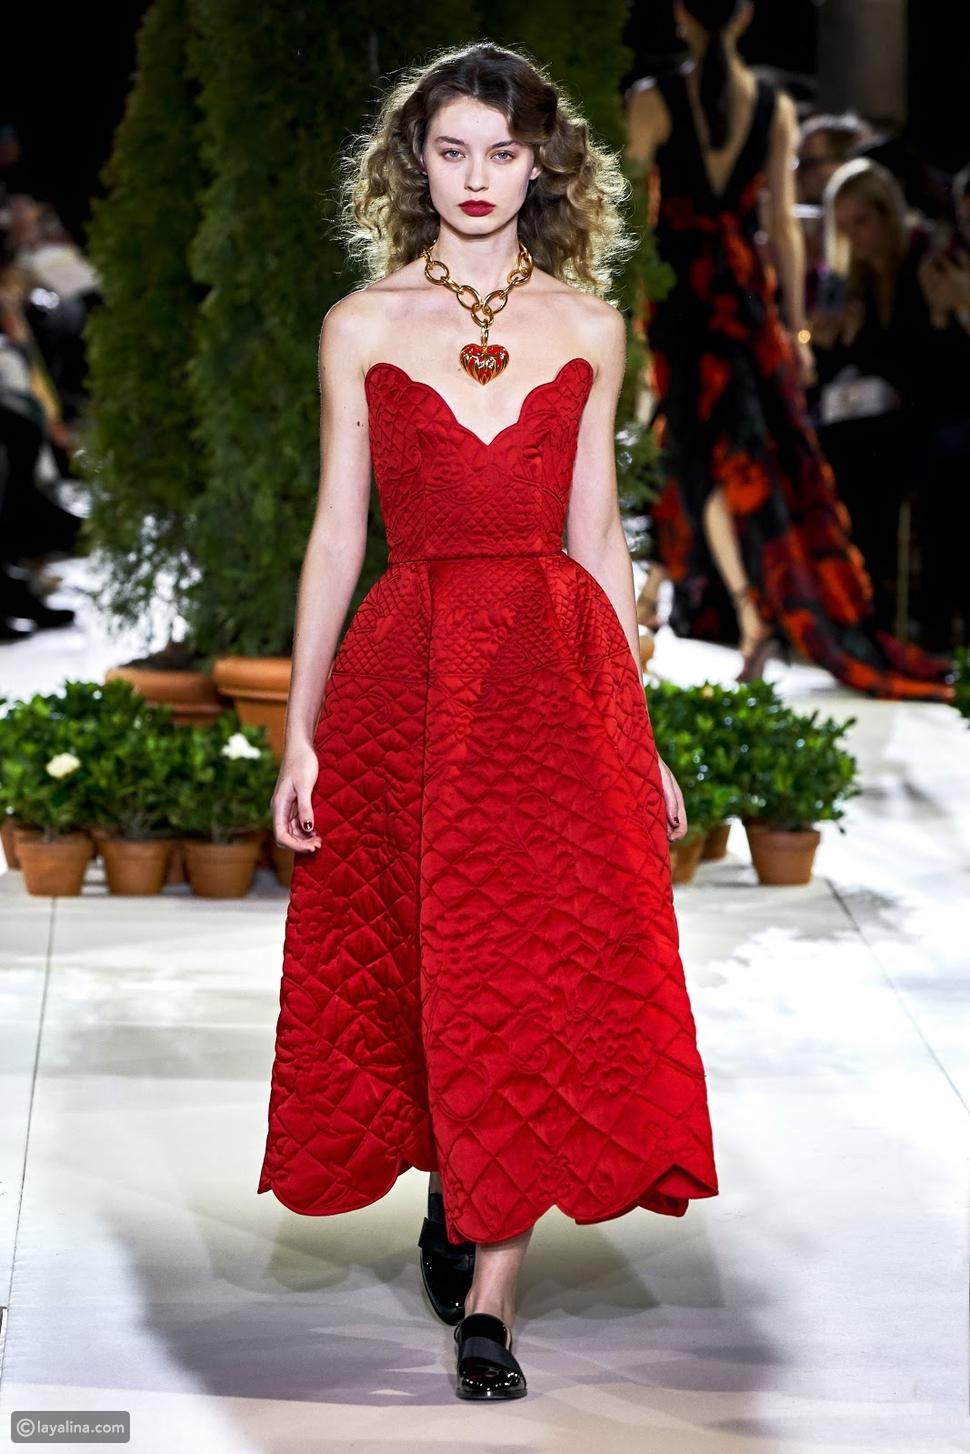 فستان باللون الأحمر مبطن من عرض أزياء أوسكار دي لارينتا